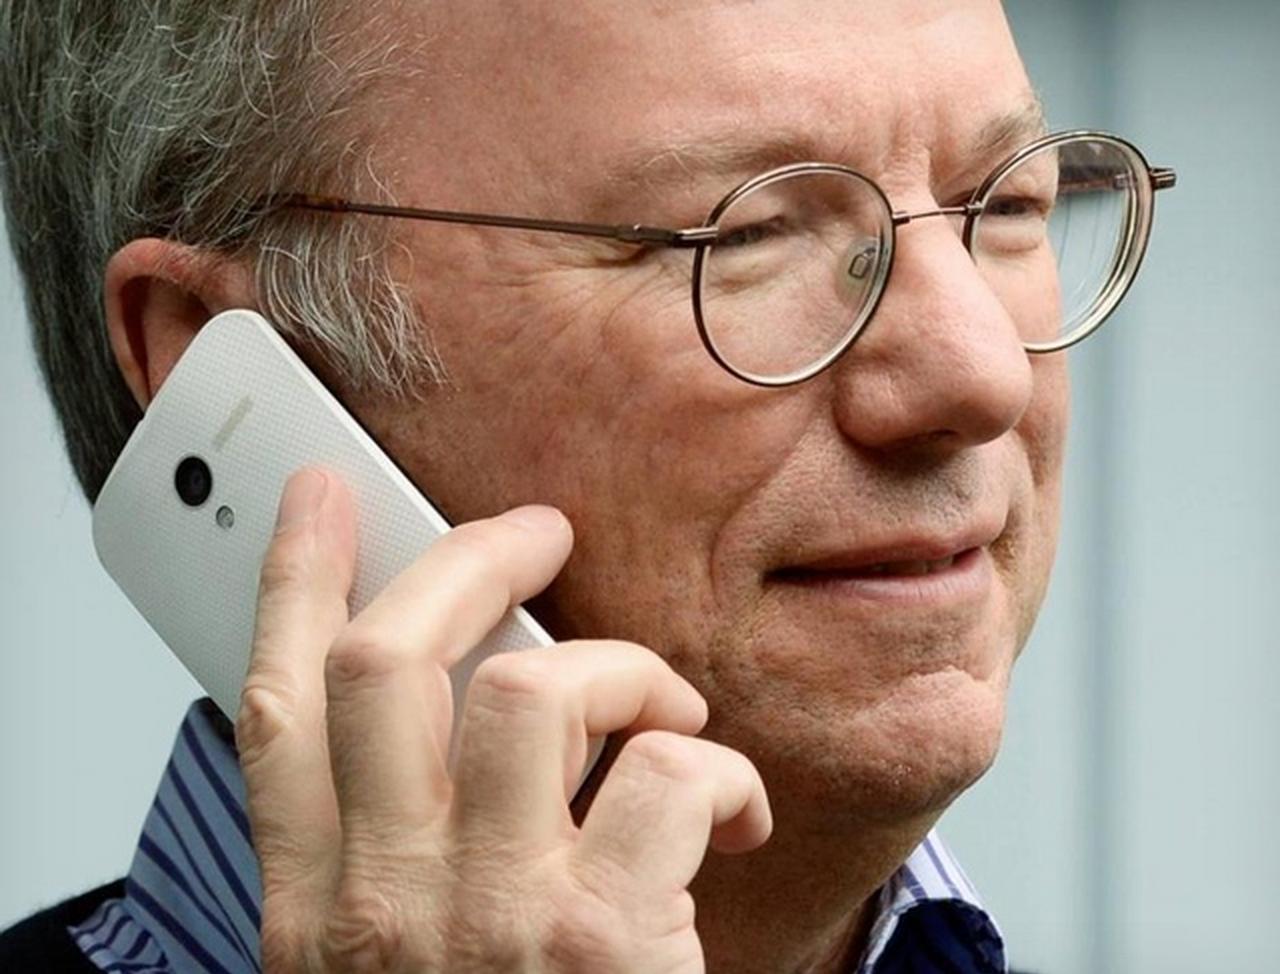 Руководство по свитчингу с iPhone на Android от Эрика Шмидта